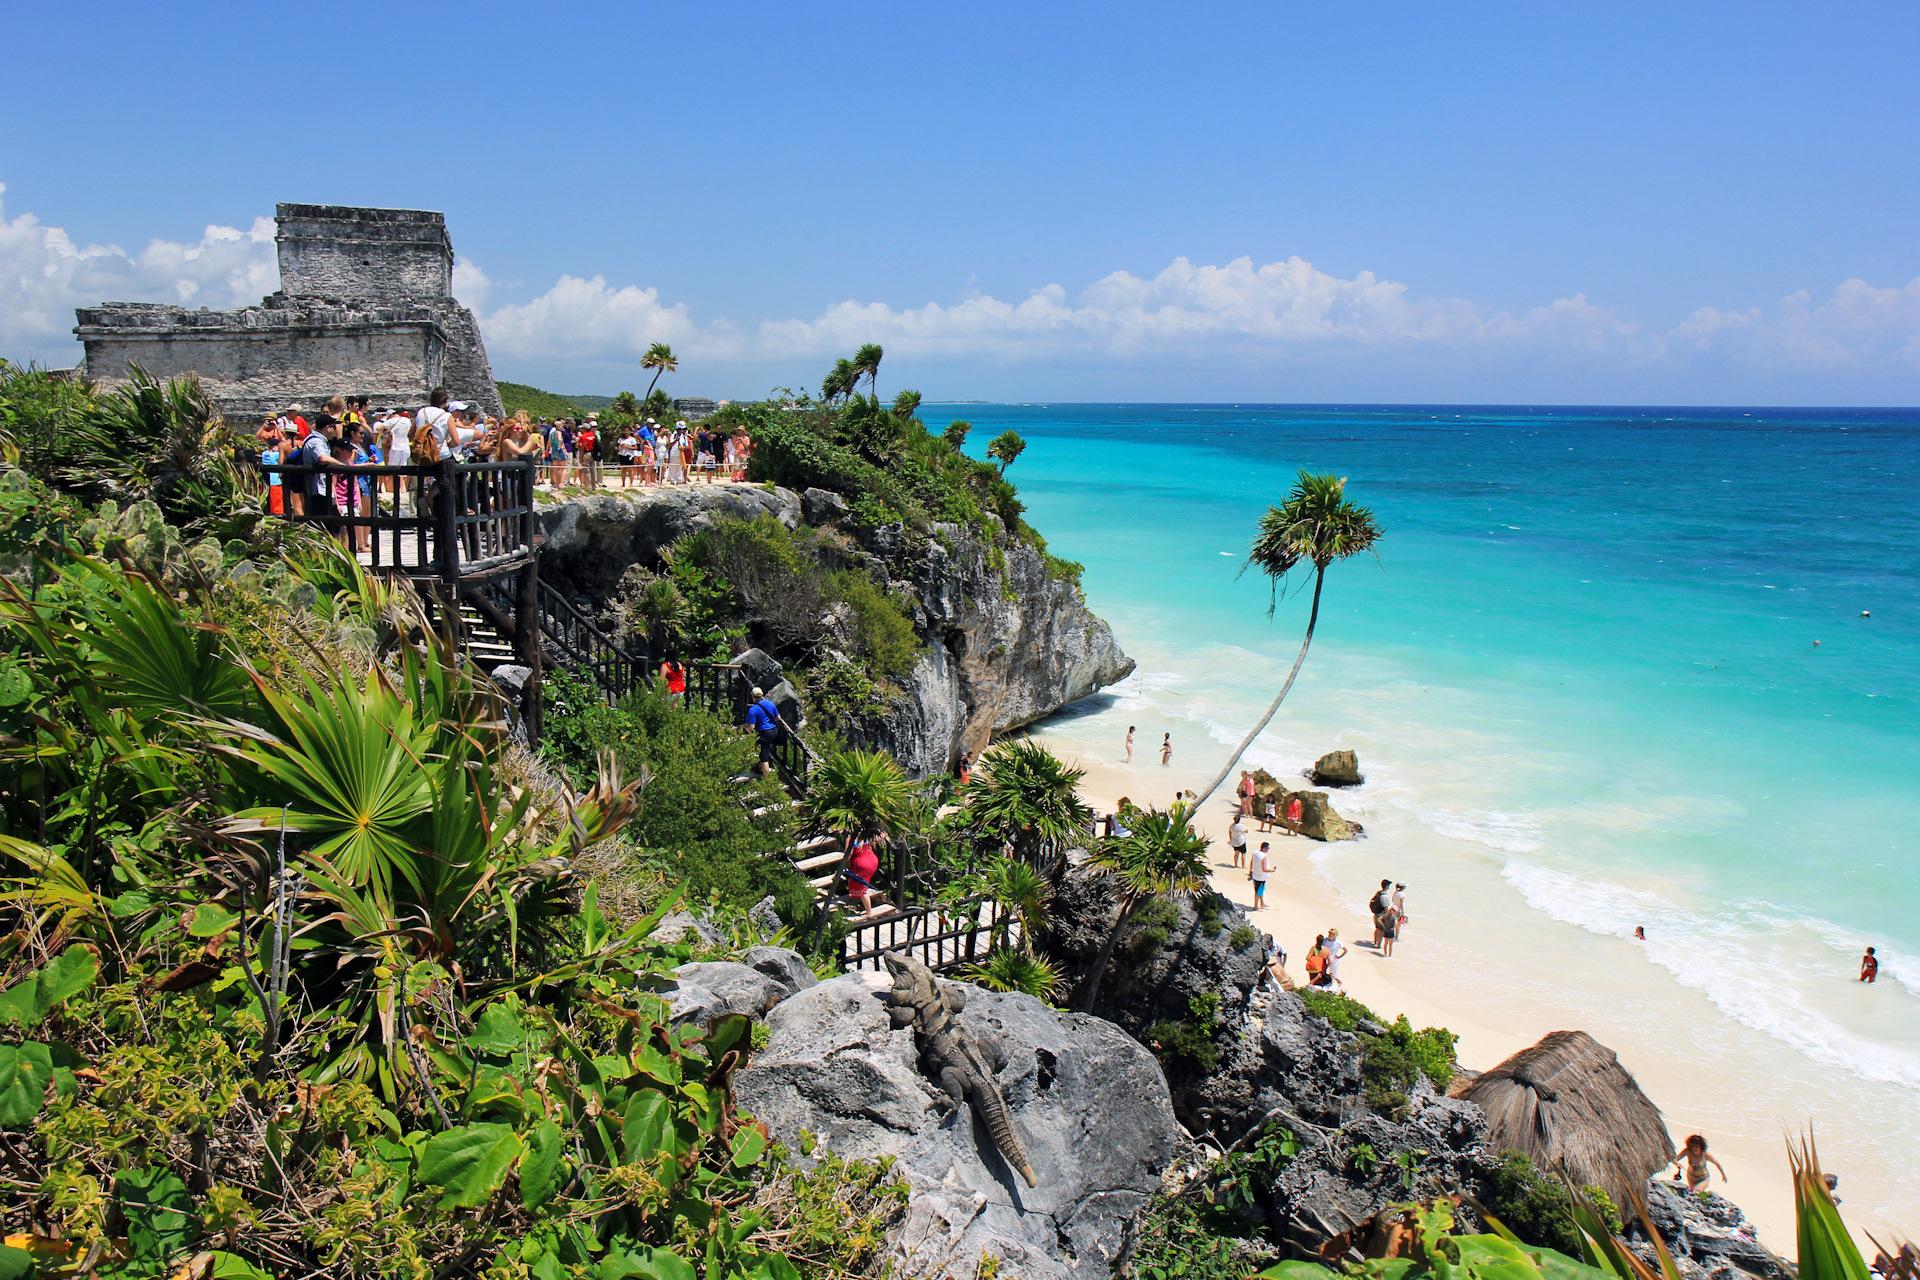 сливочное пляжи юкатана фото сети появилось